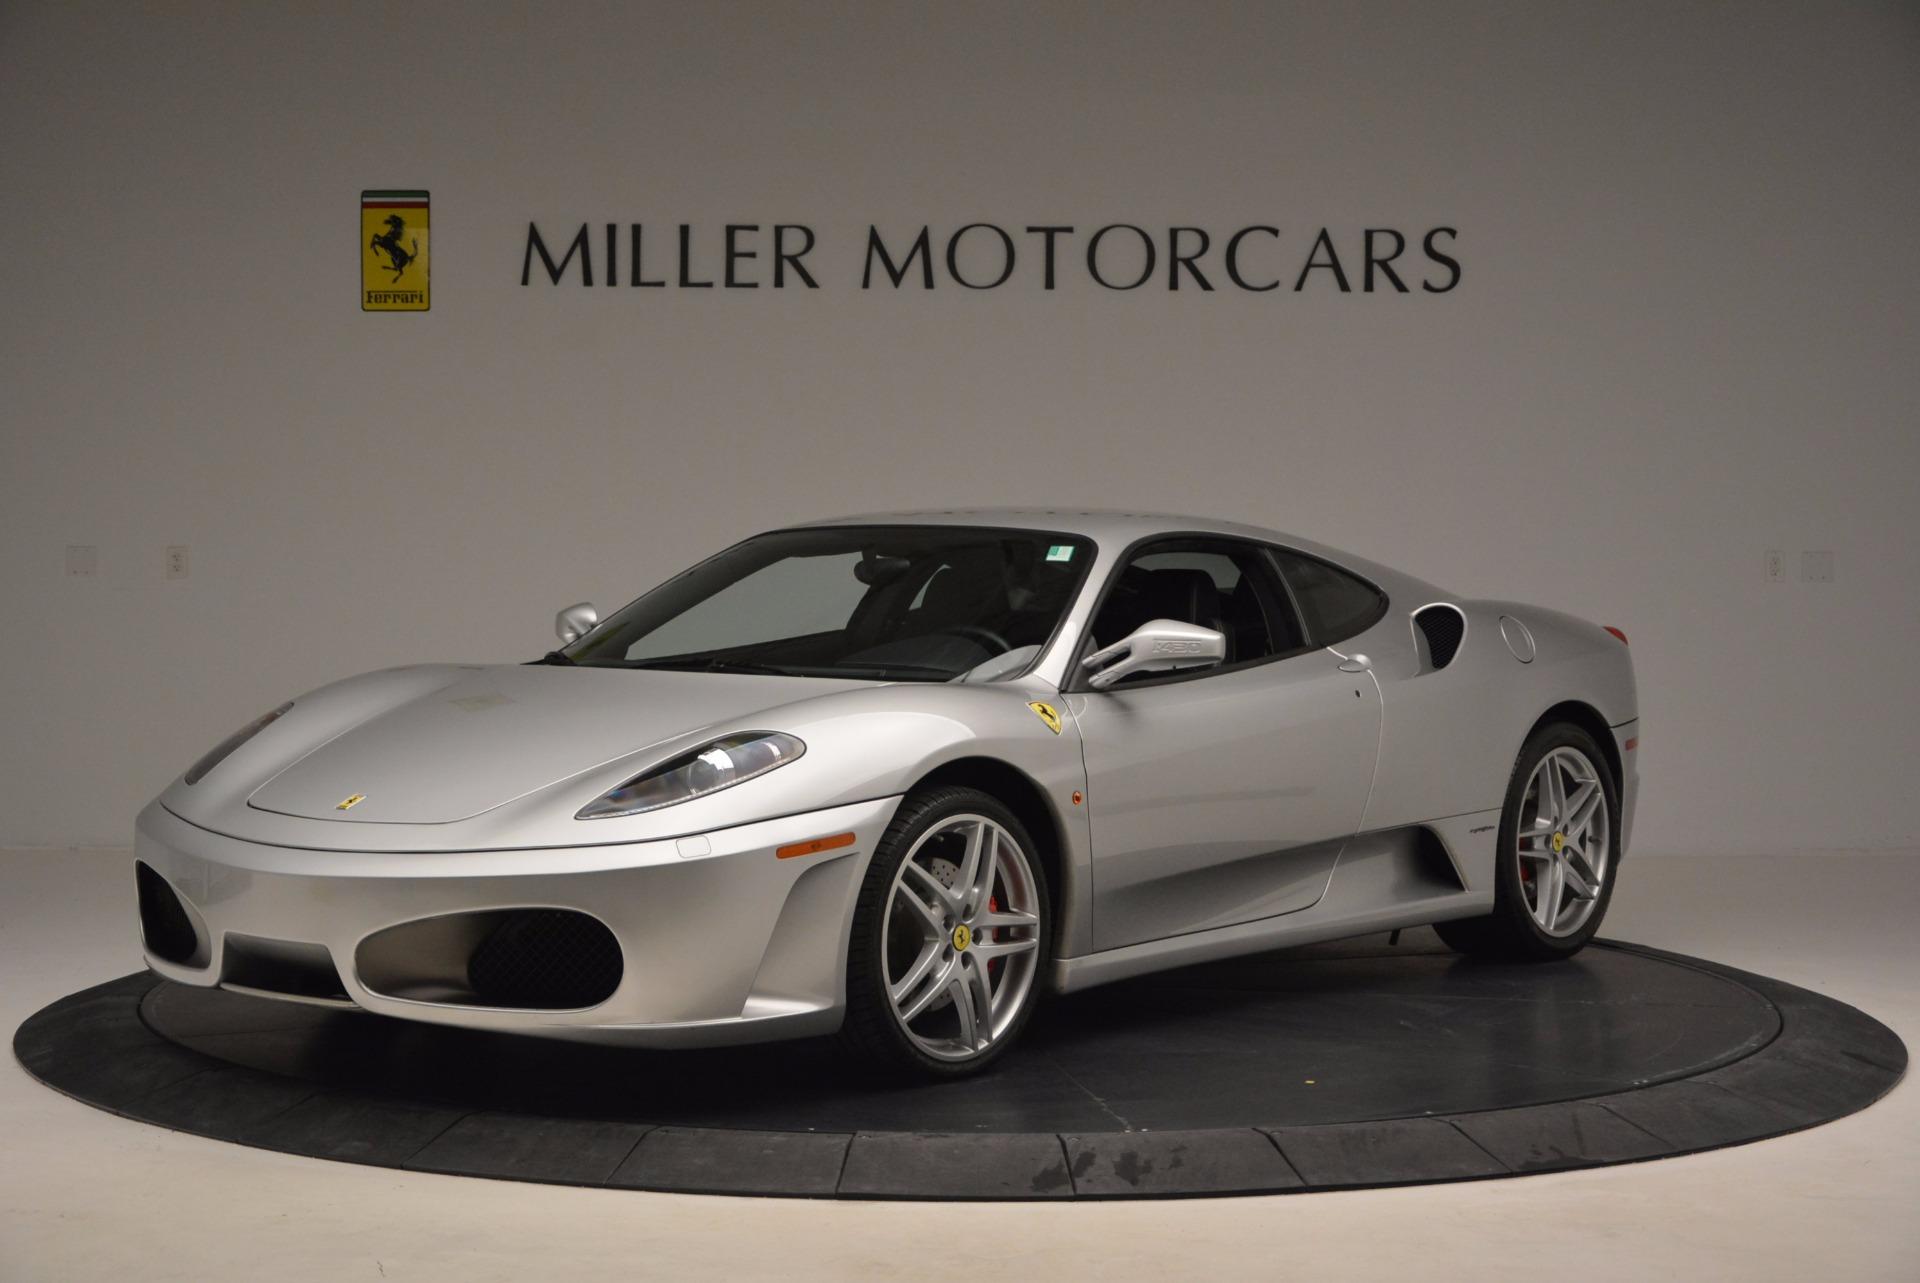 Used 2007 Ferrari F430 F1 For Sale In Greenwich, CT. Alfa Romeo of Greenwich, 4373 888_main